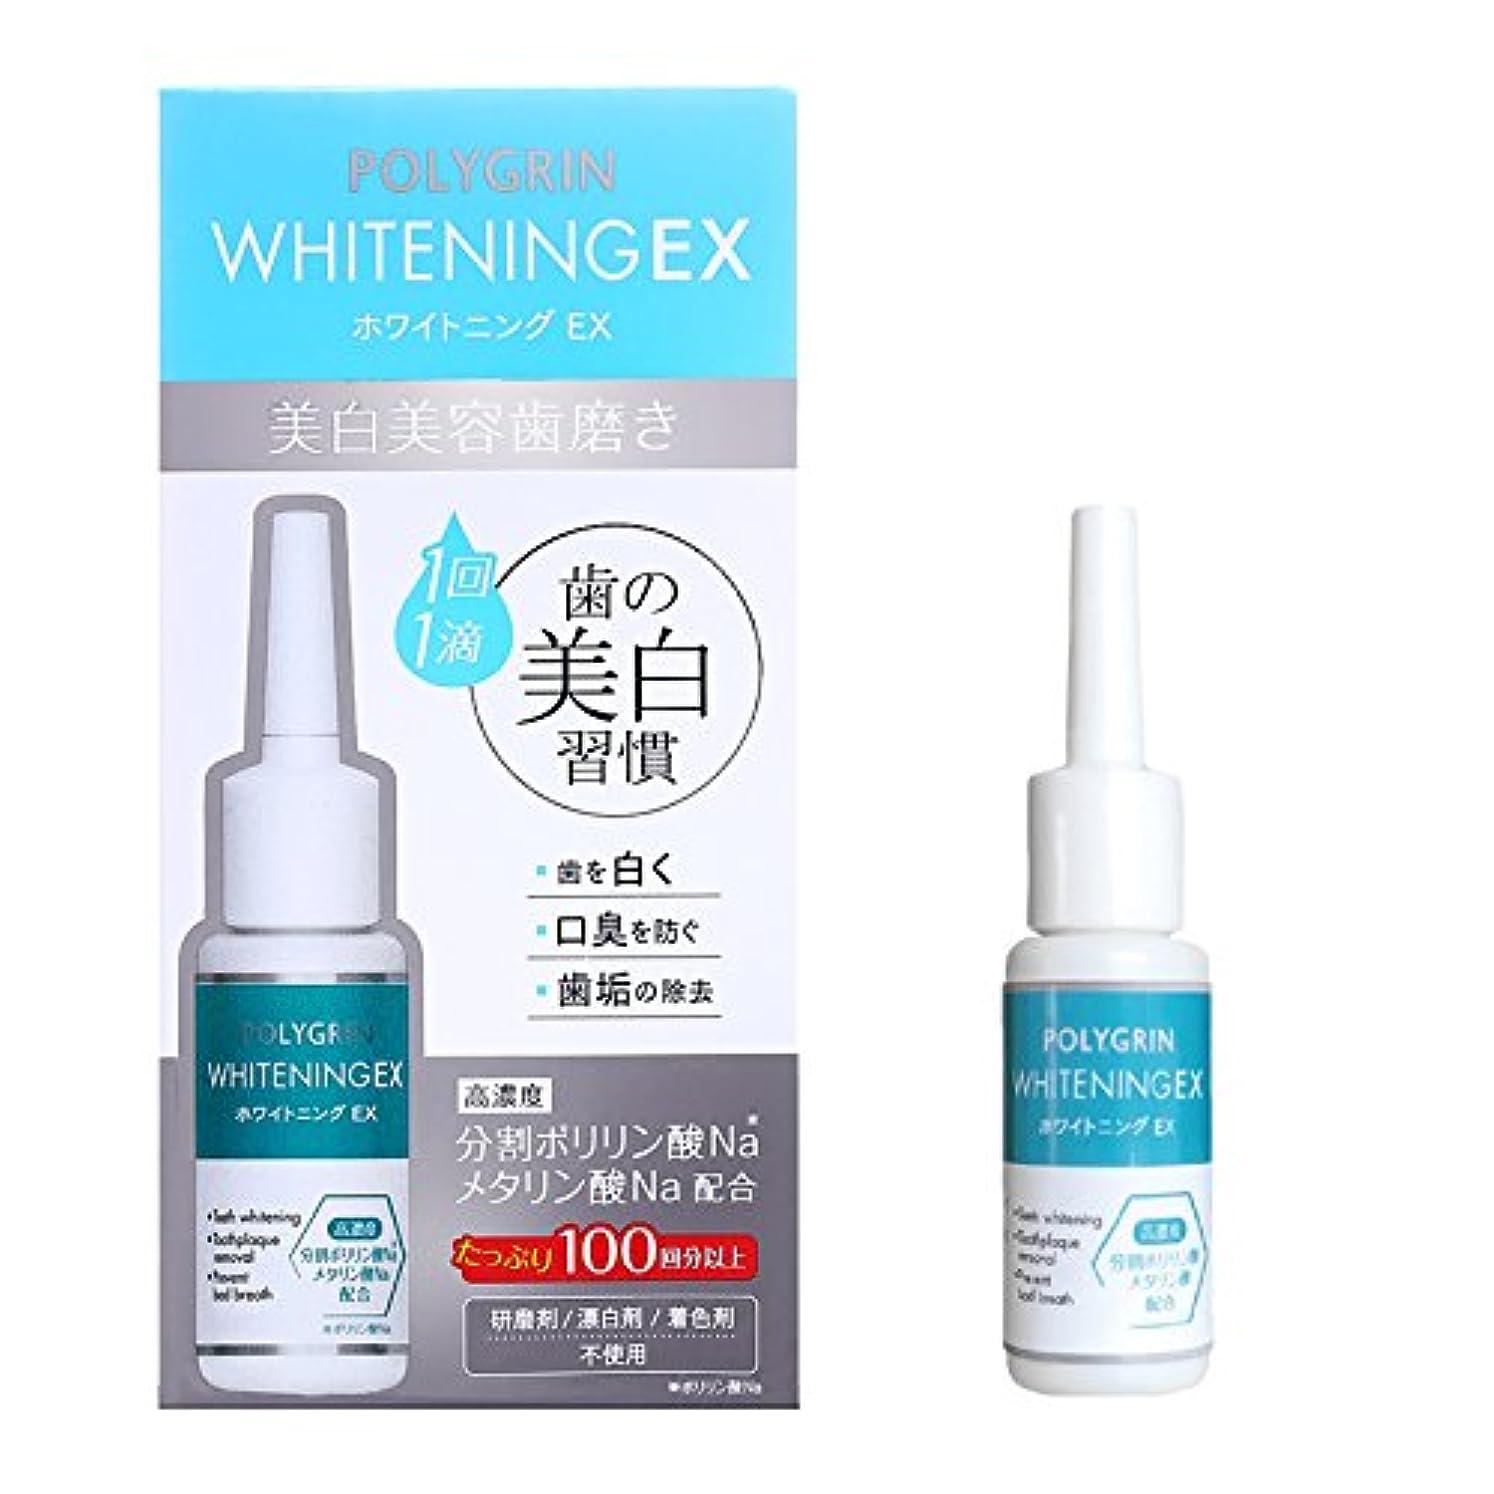 皿に対応エステートポリグリン(POLYGRIN) ホワイトニングEX 10ml